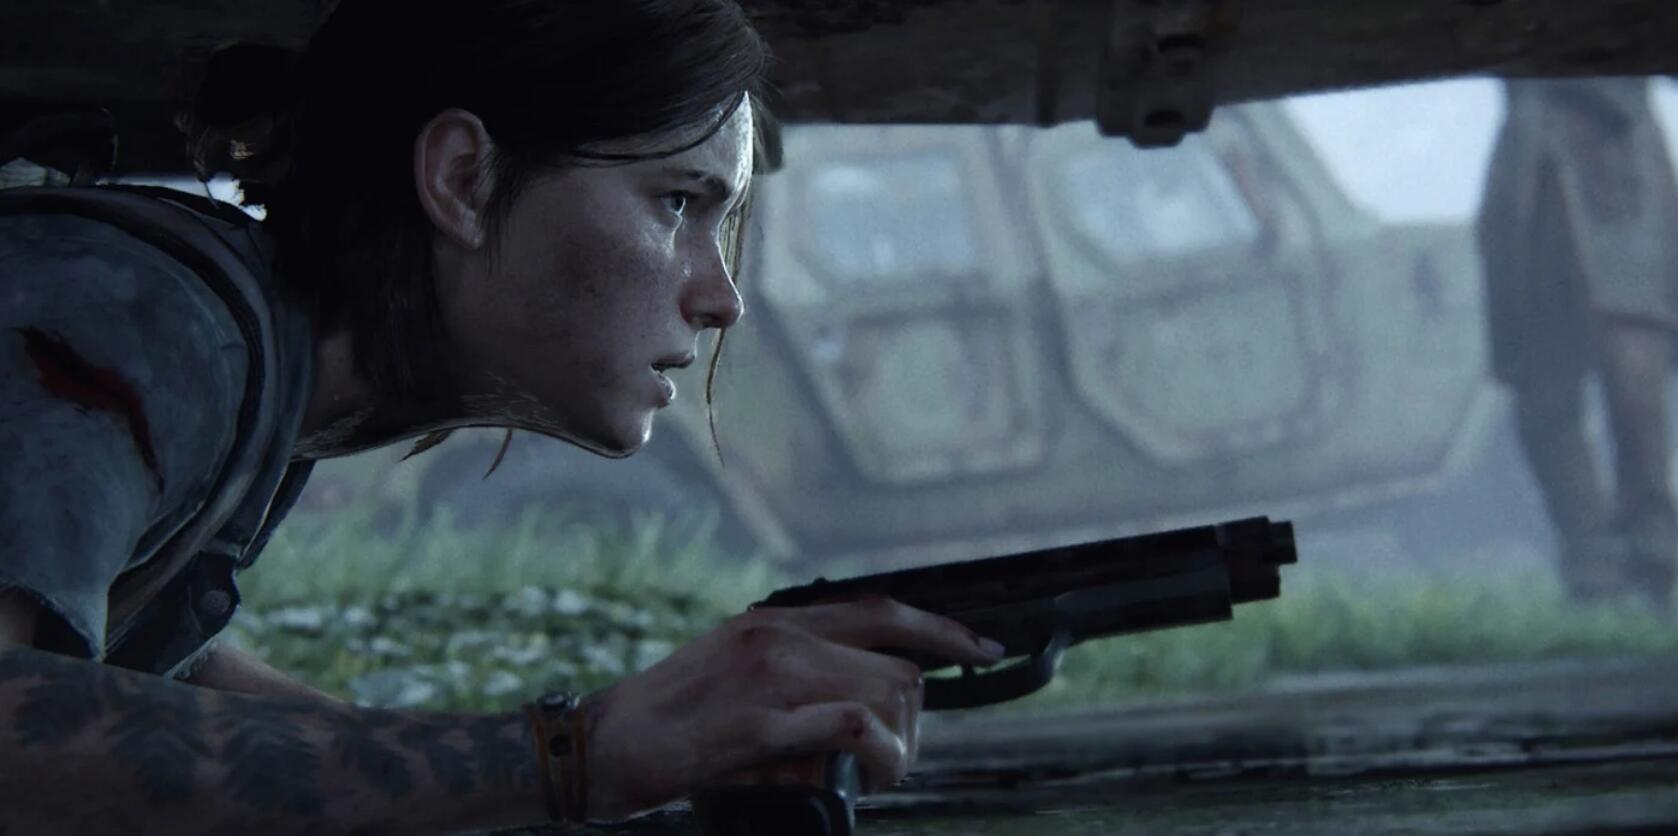 《最后的生还者2》升级系统将大幅改变游戏玩法